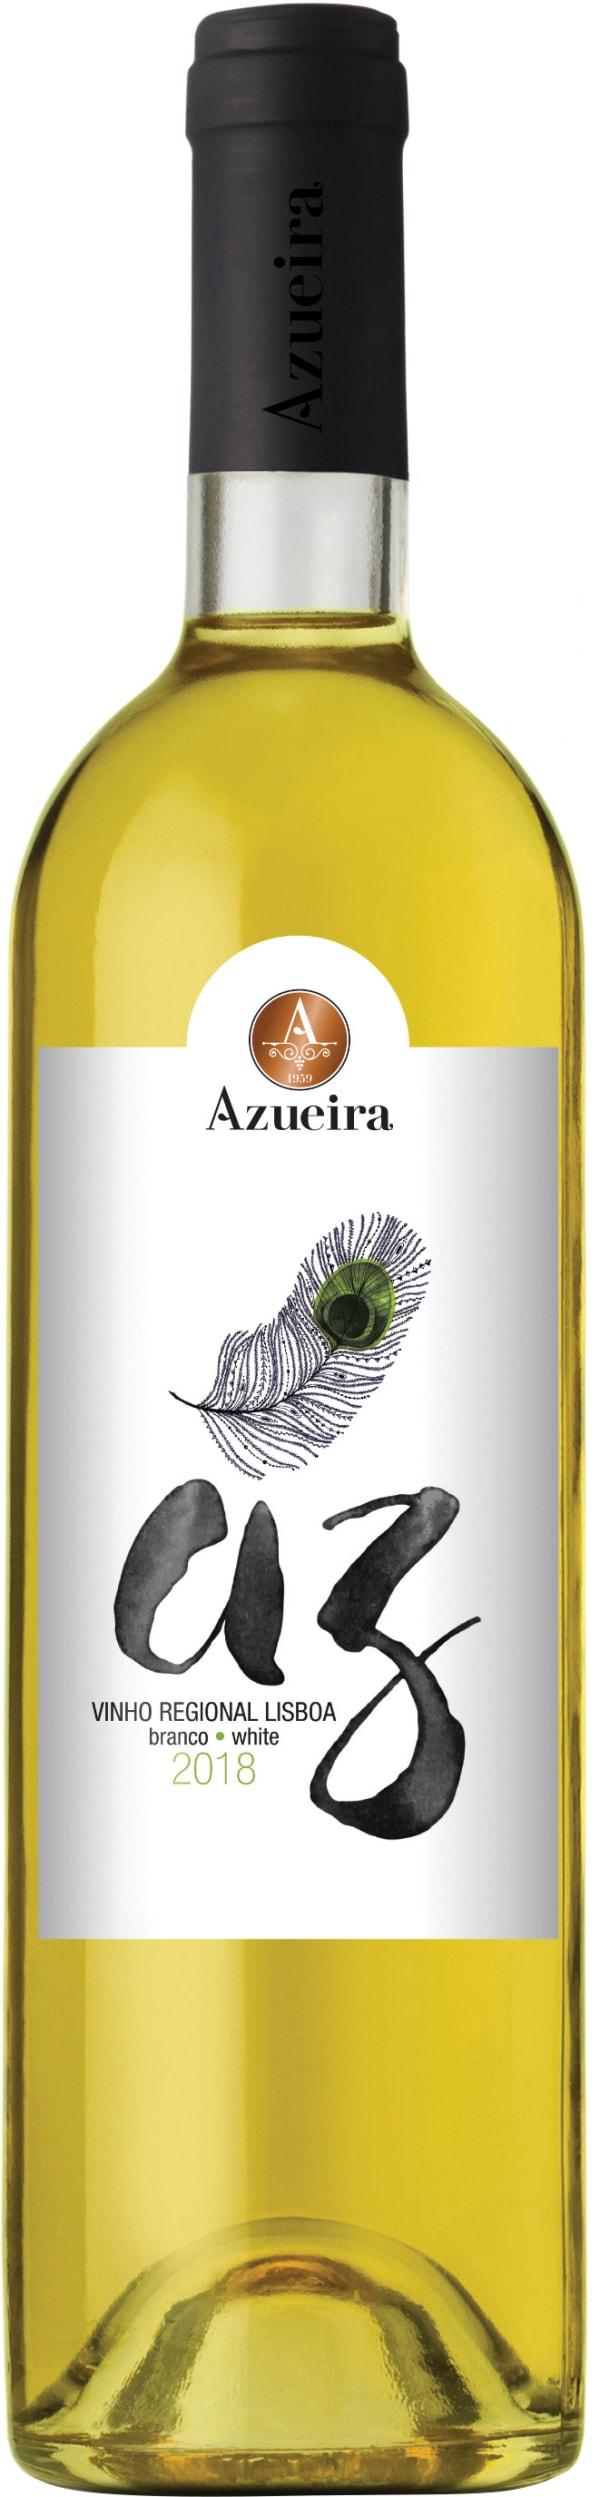 Azueira AZ Branco 2018